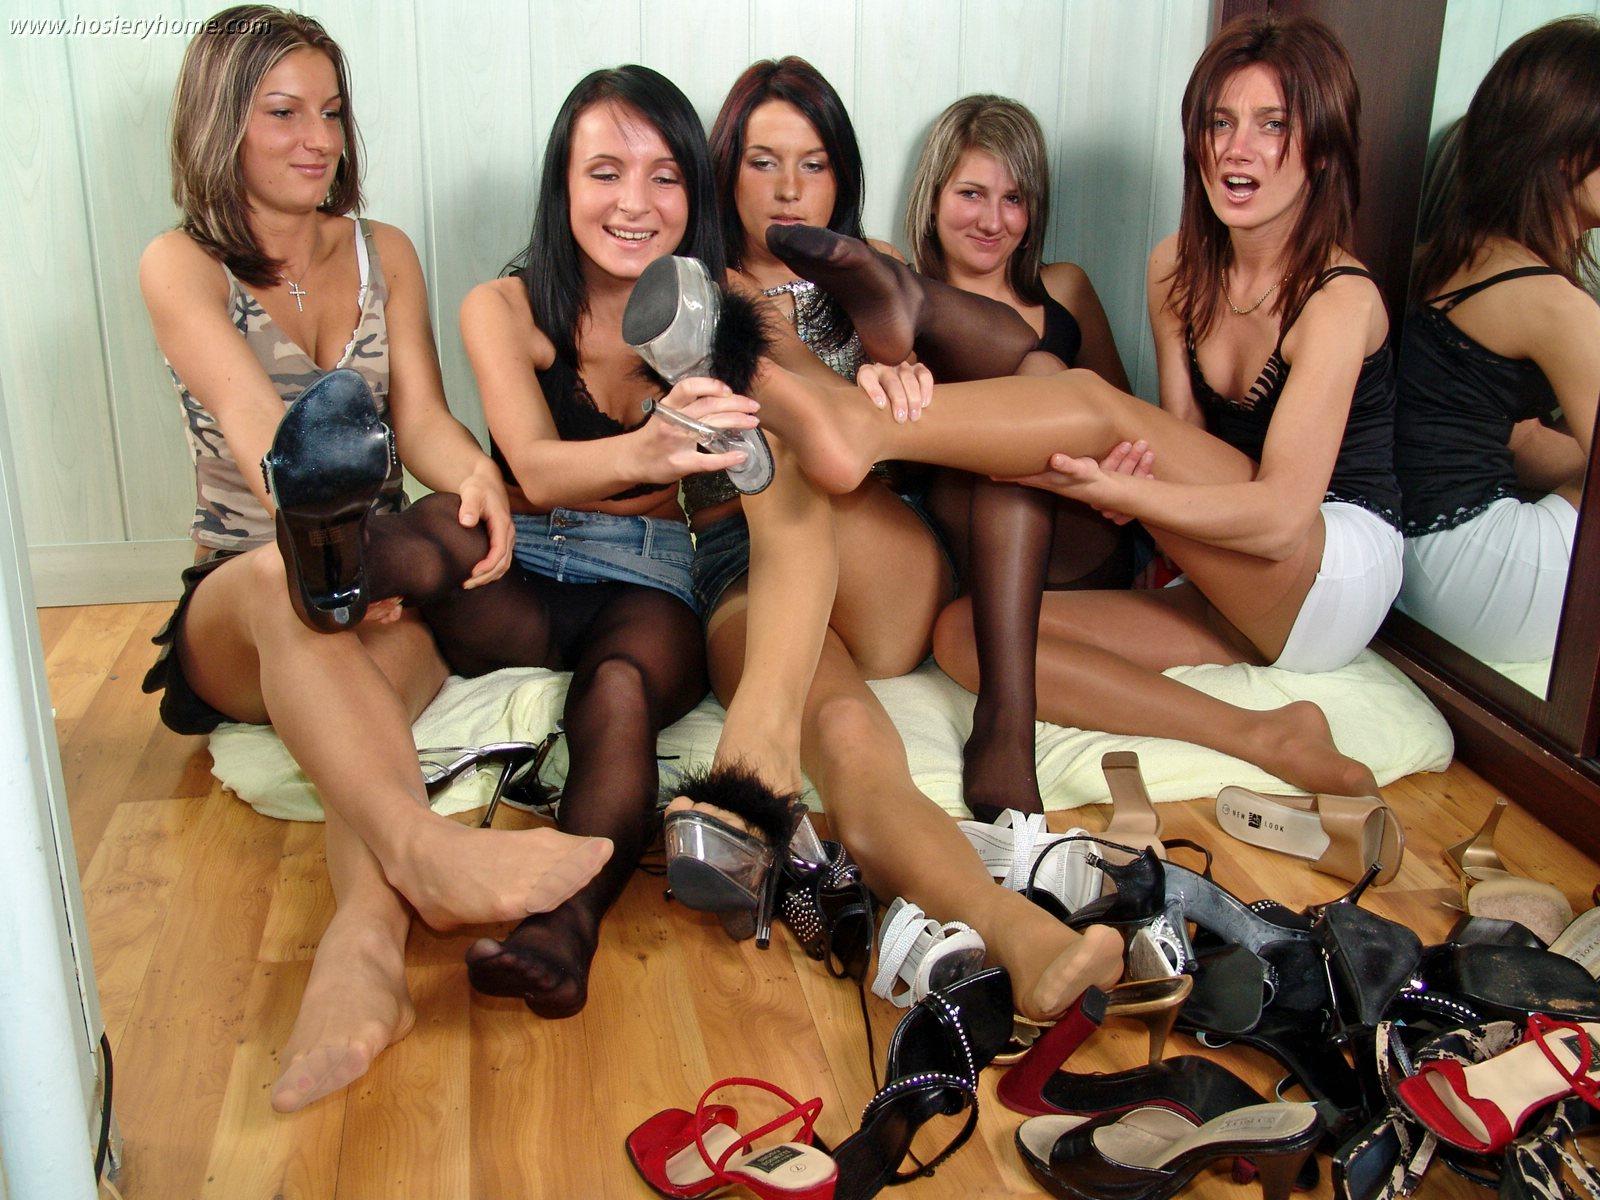 Русские девушки секс вечеринки, Русская секс вечеринка - подборка порно видео 8 фотография